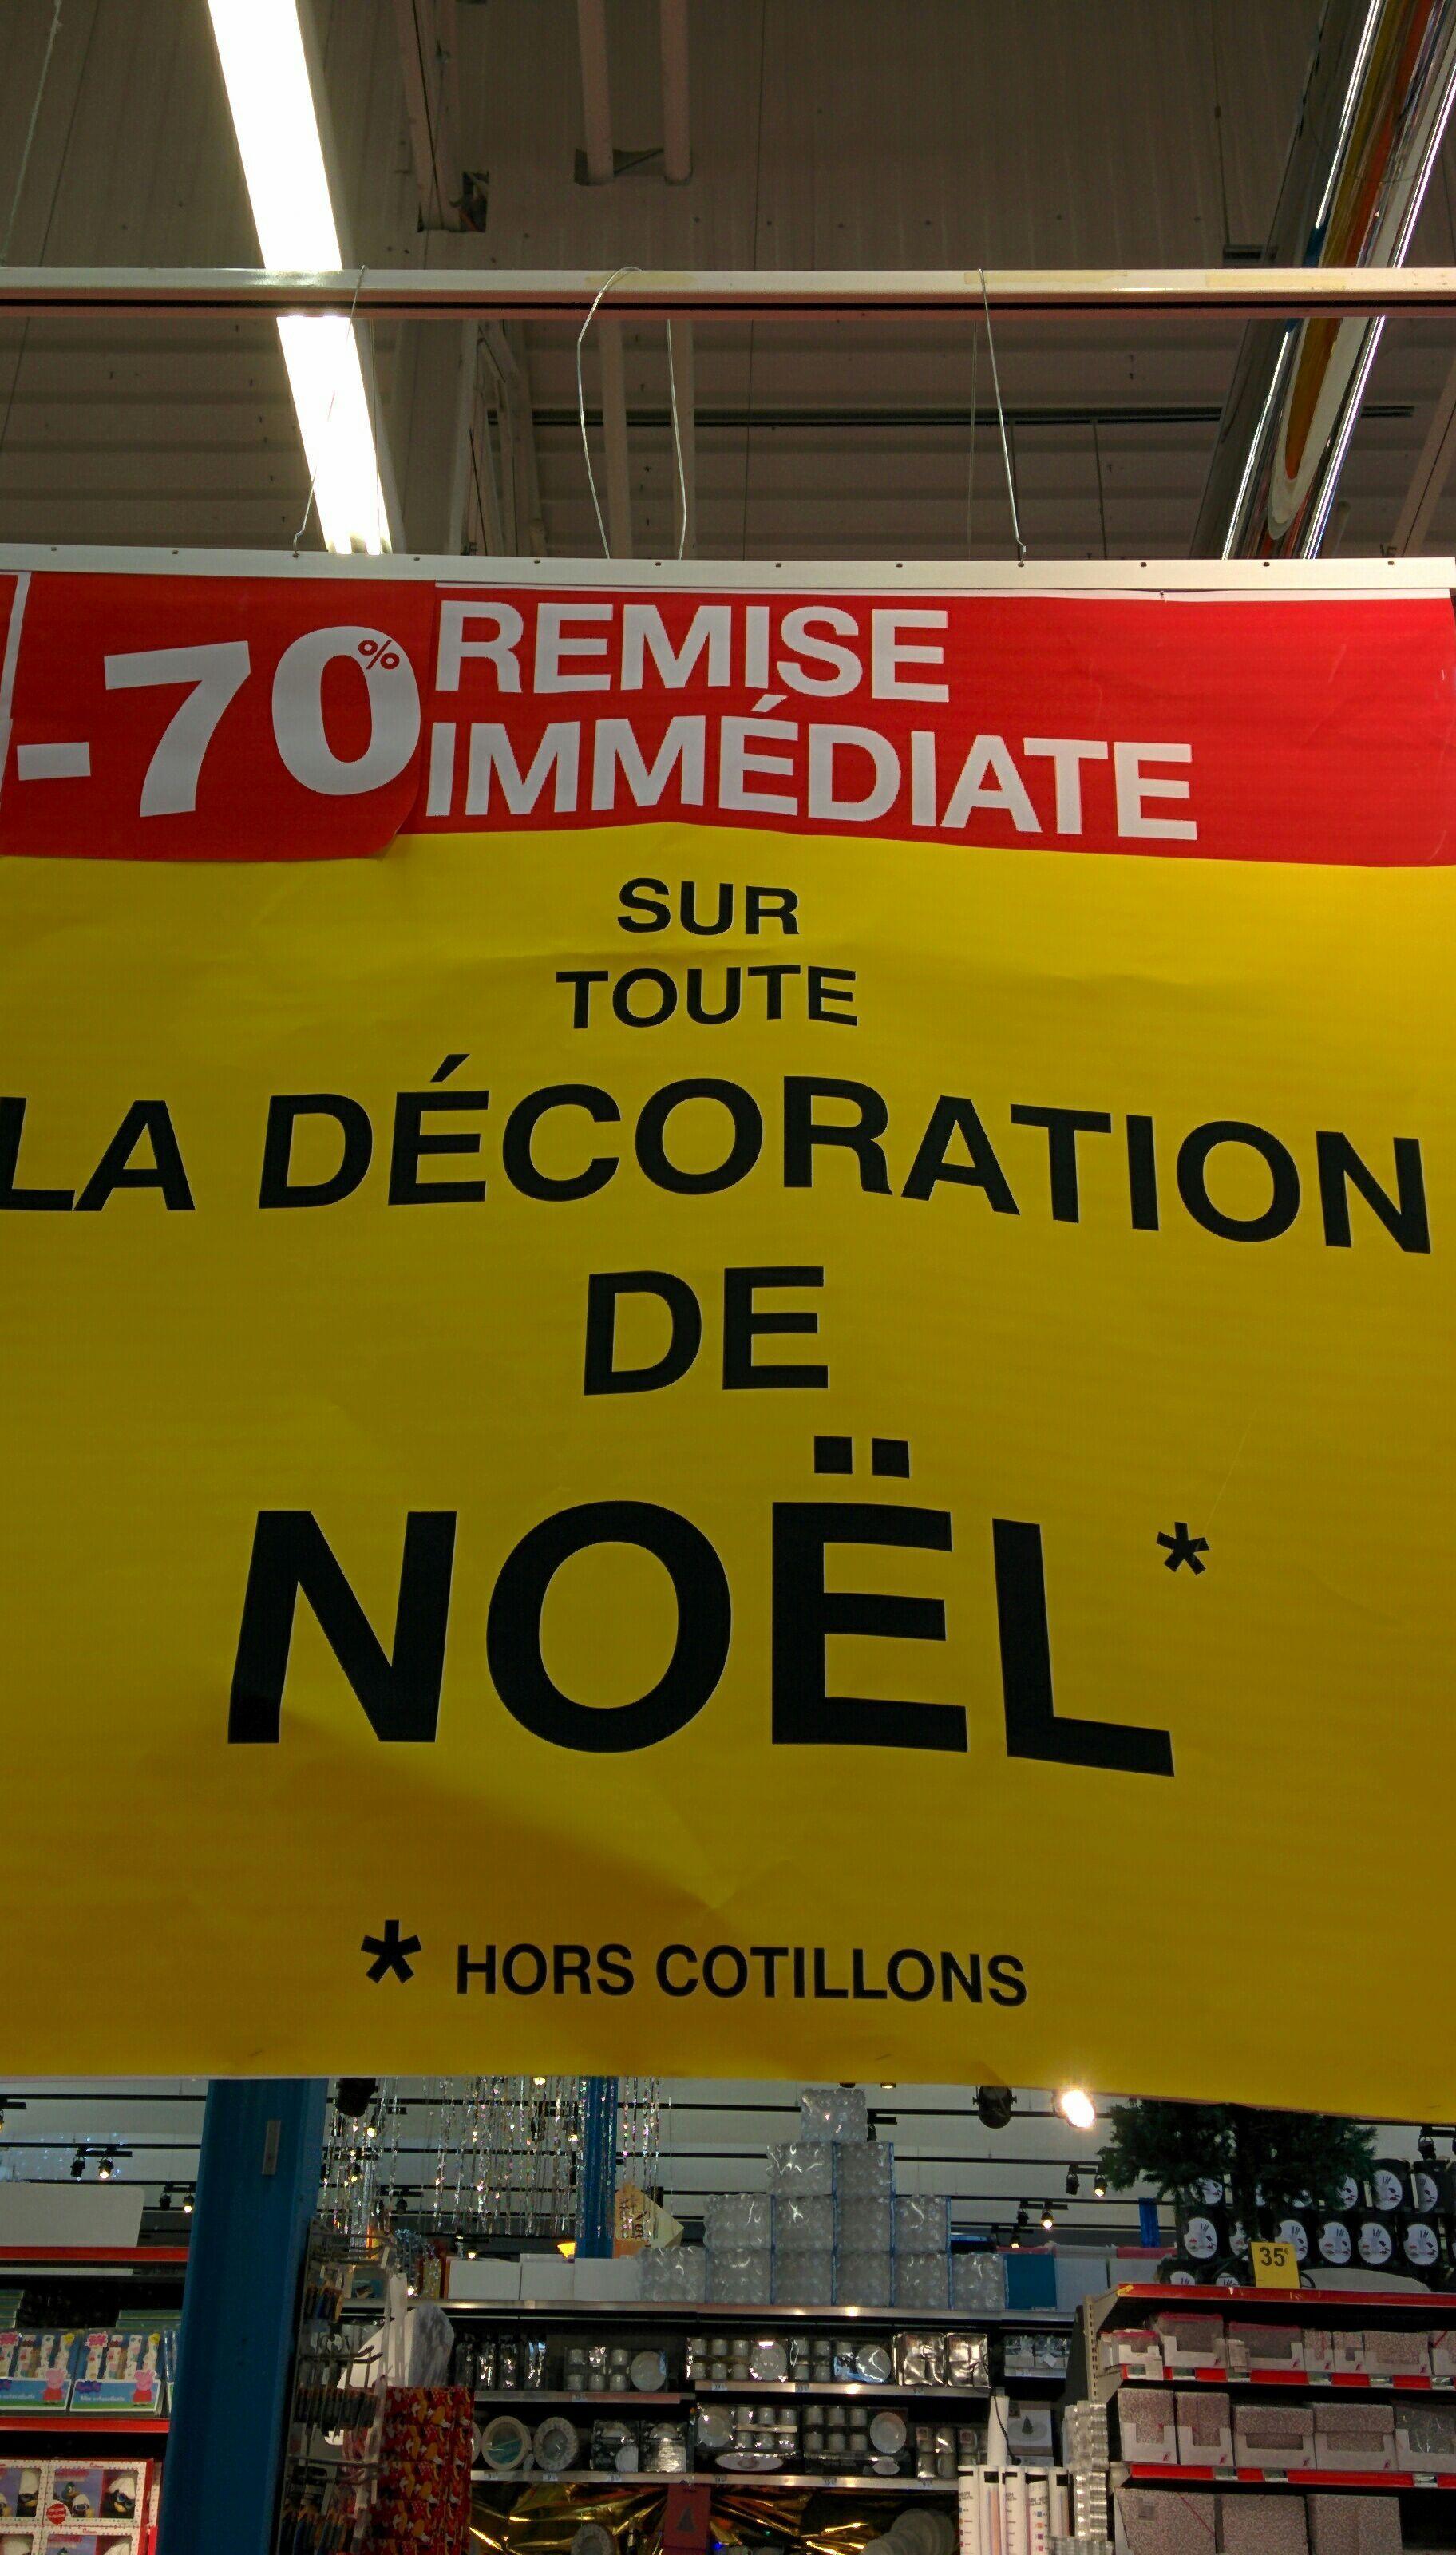 70% de réduction immédiate sur toute la décoration de Noël